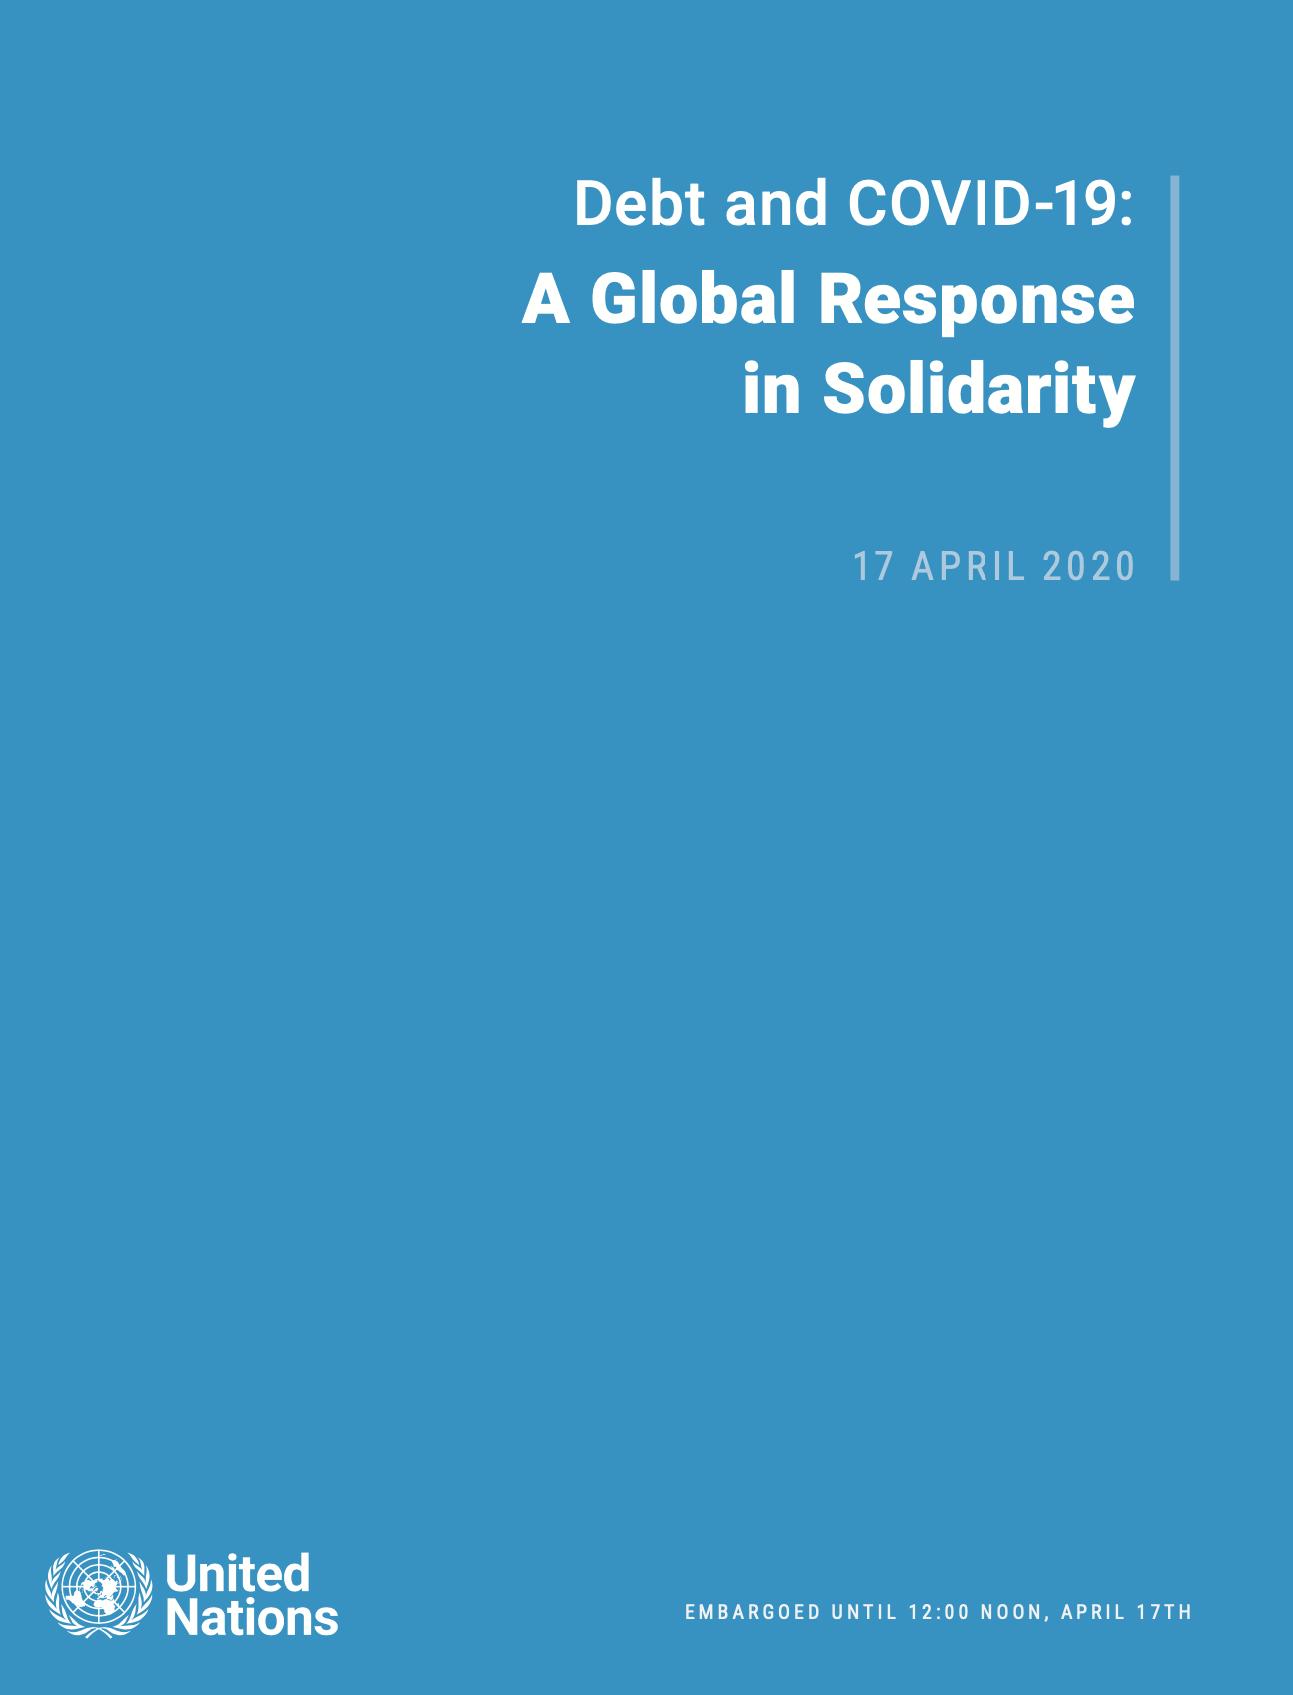 Deuda y COVID-19: una respuesta global en solidaridad